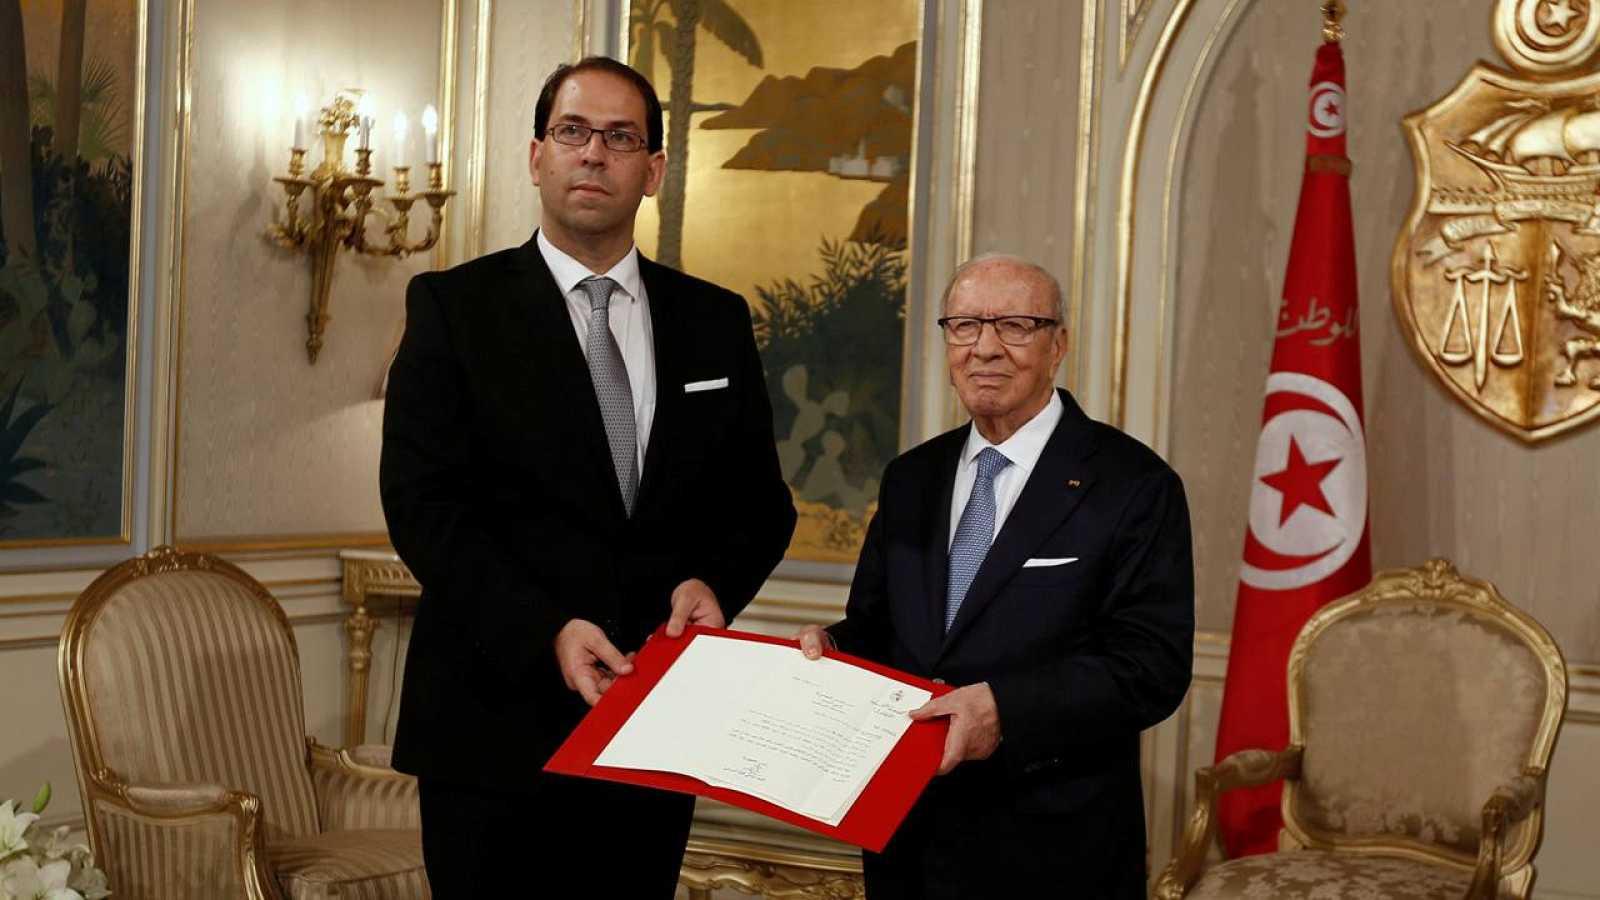 El presidente de Túnez Beji Caid Essebsi, se reúne con el nuevo primer ministro Youssef Chahed